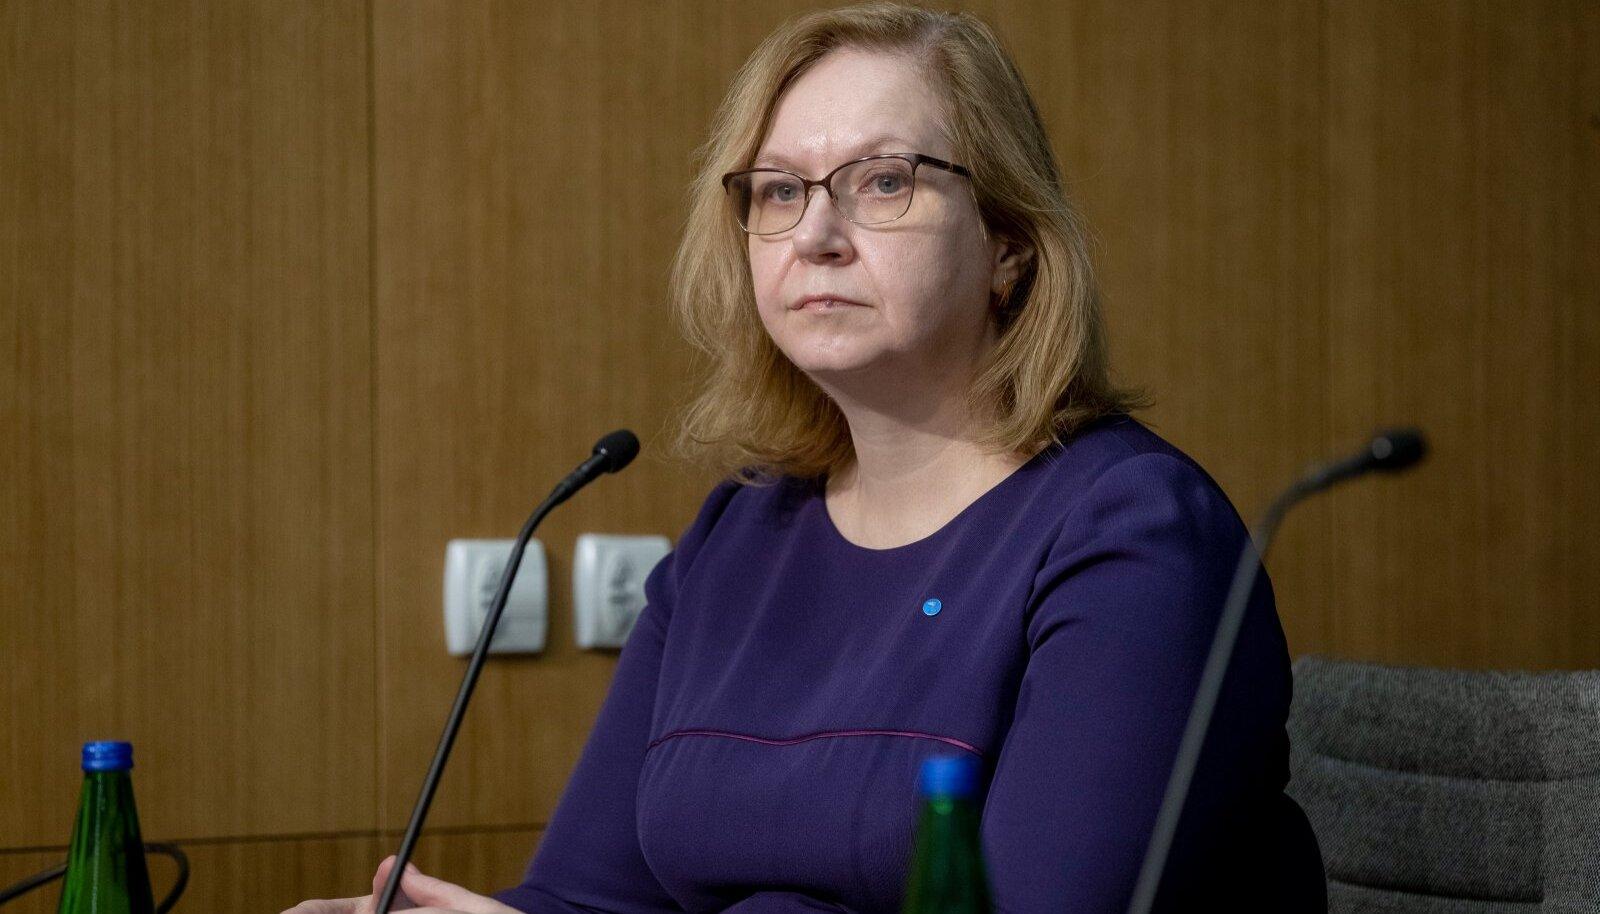 Valitsuse pressikonverents 28.01.21, Maris Lauri